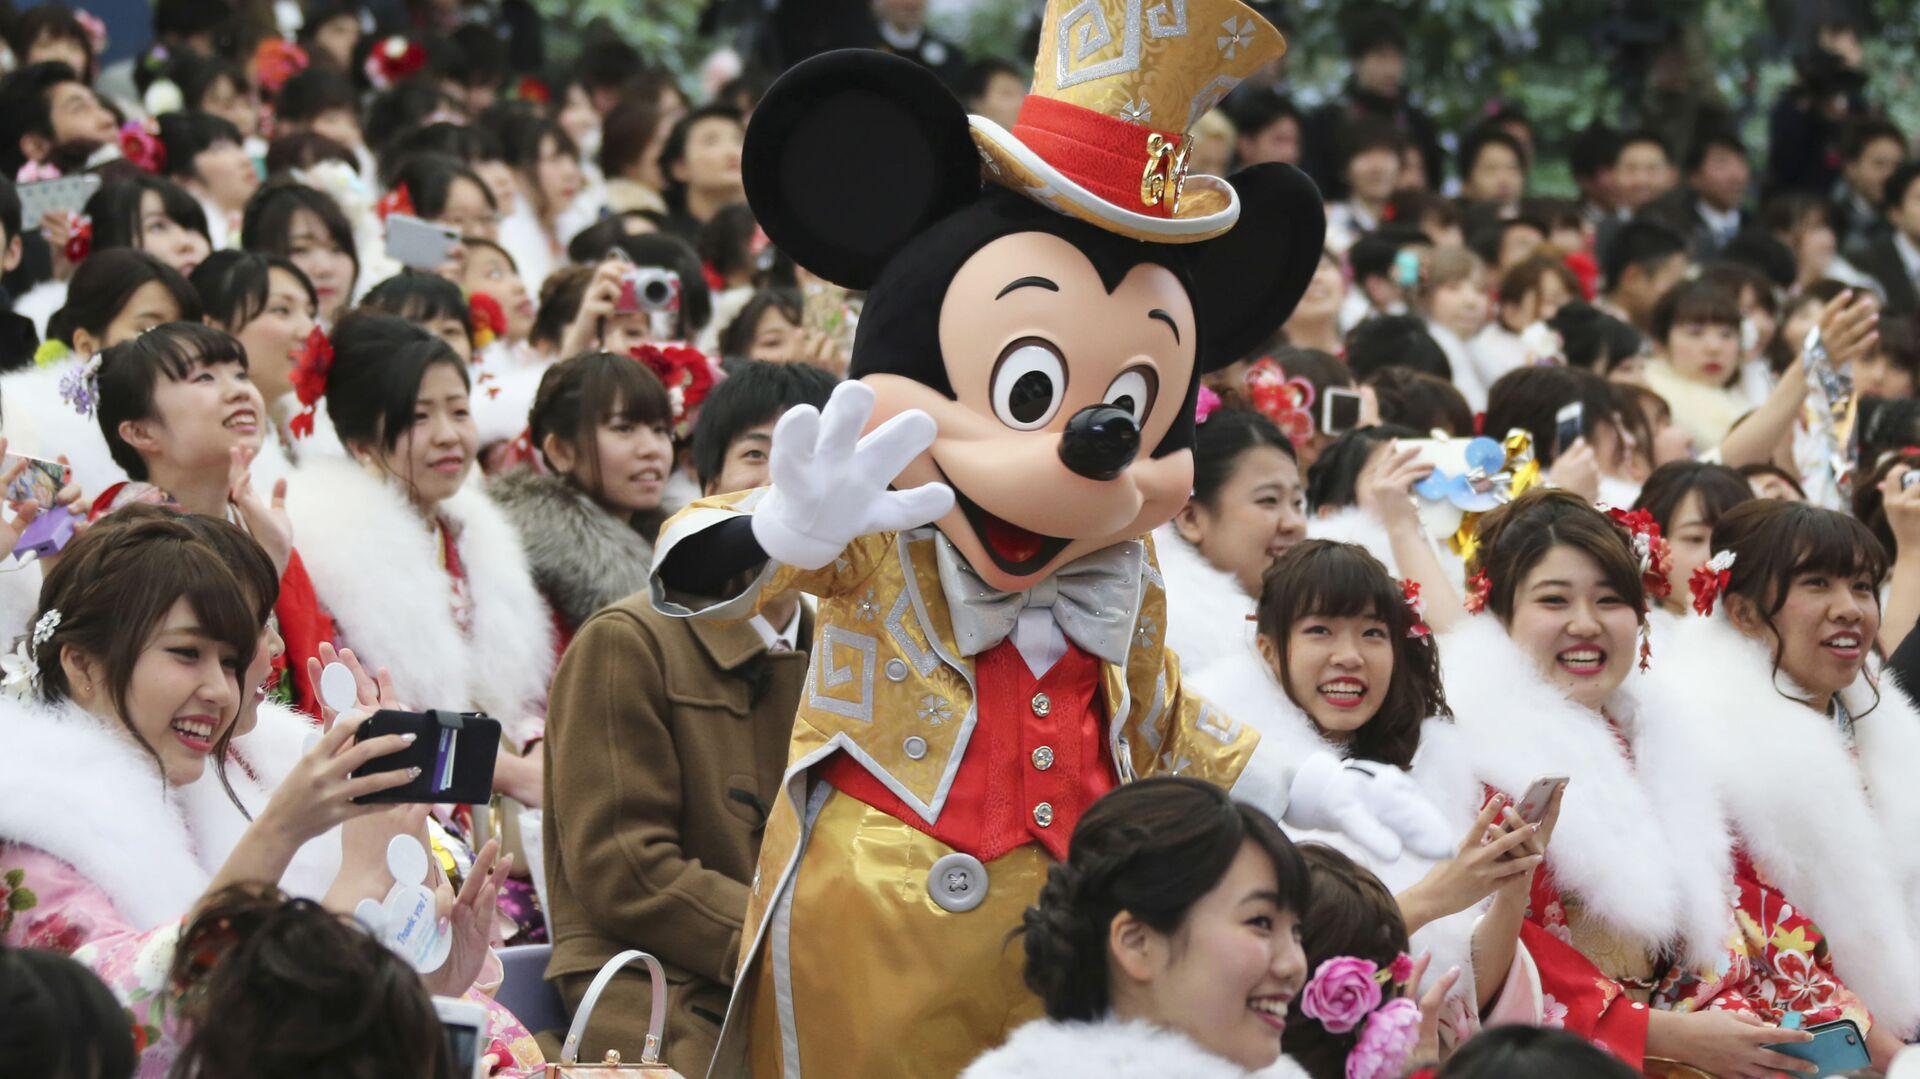 Микки Маус с посетителями Диснейленда в Токио - Sputnik Italia, 1920, 31.07.2021